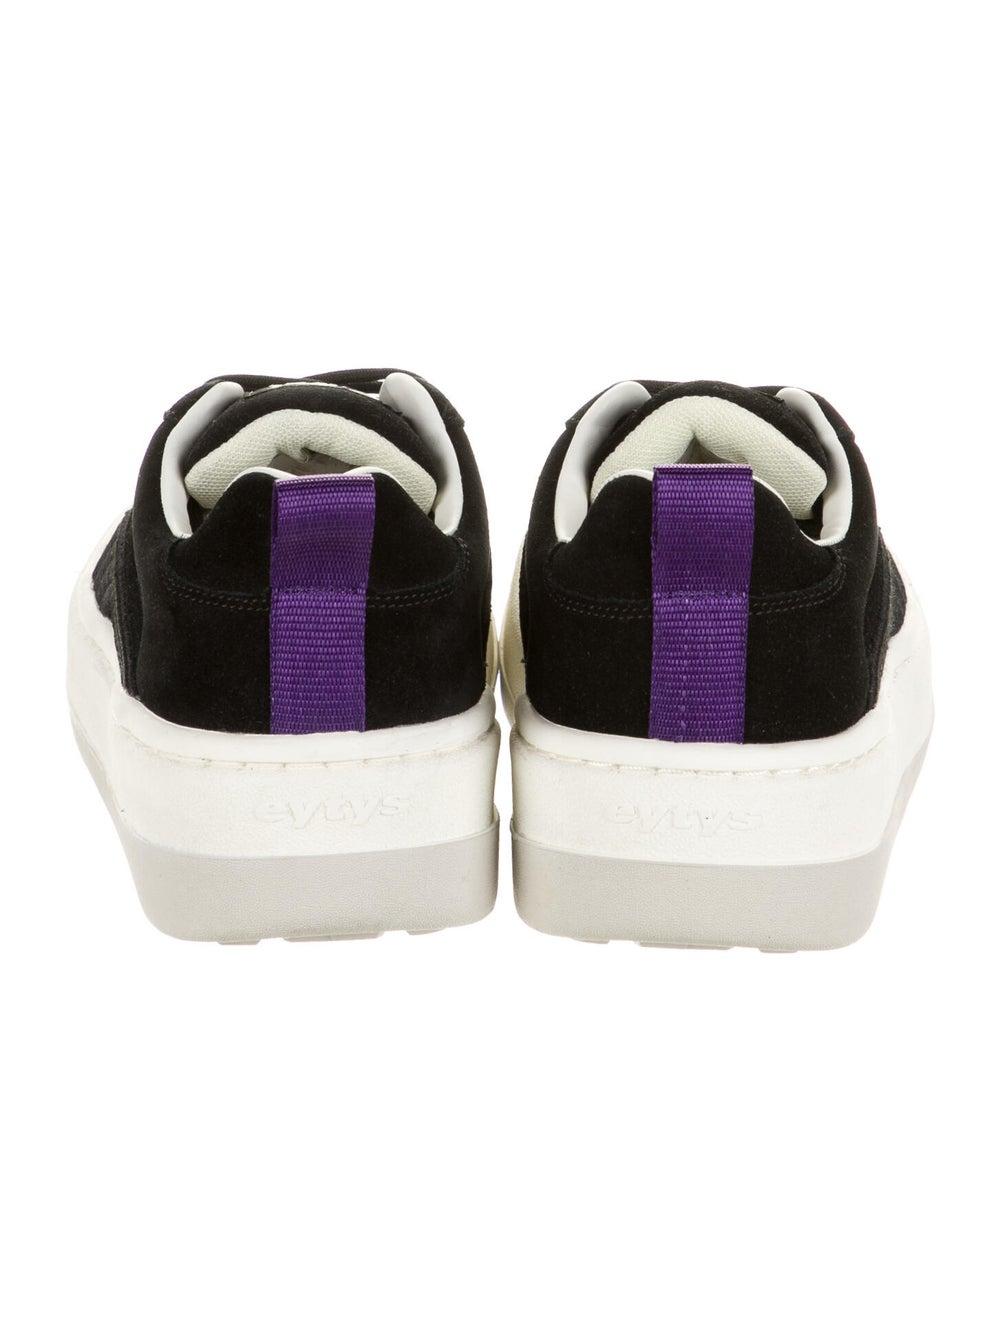 Eytys Suede Sneakers Black - image 4